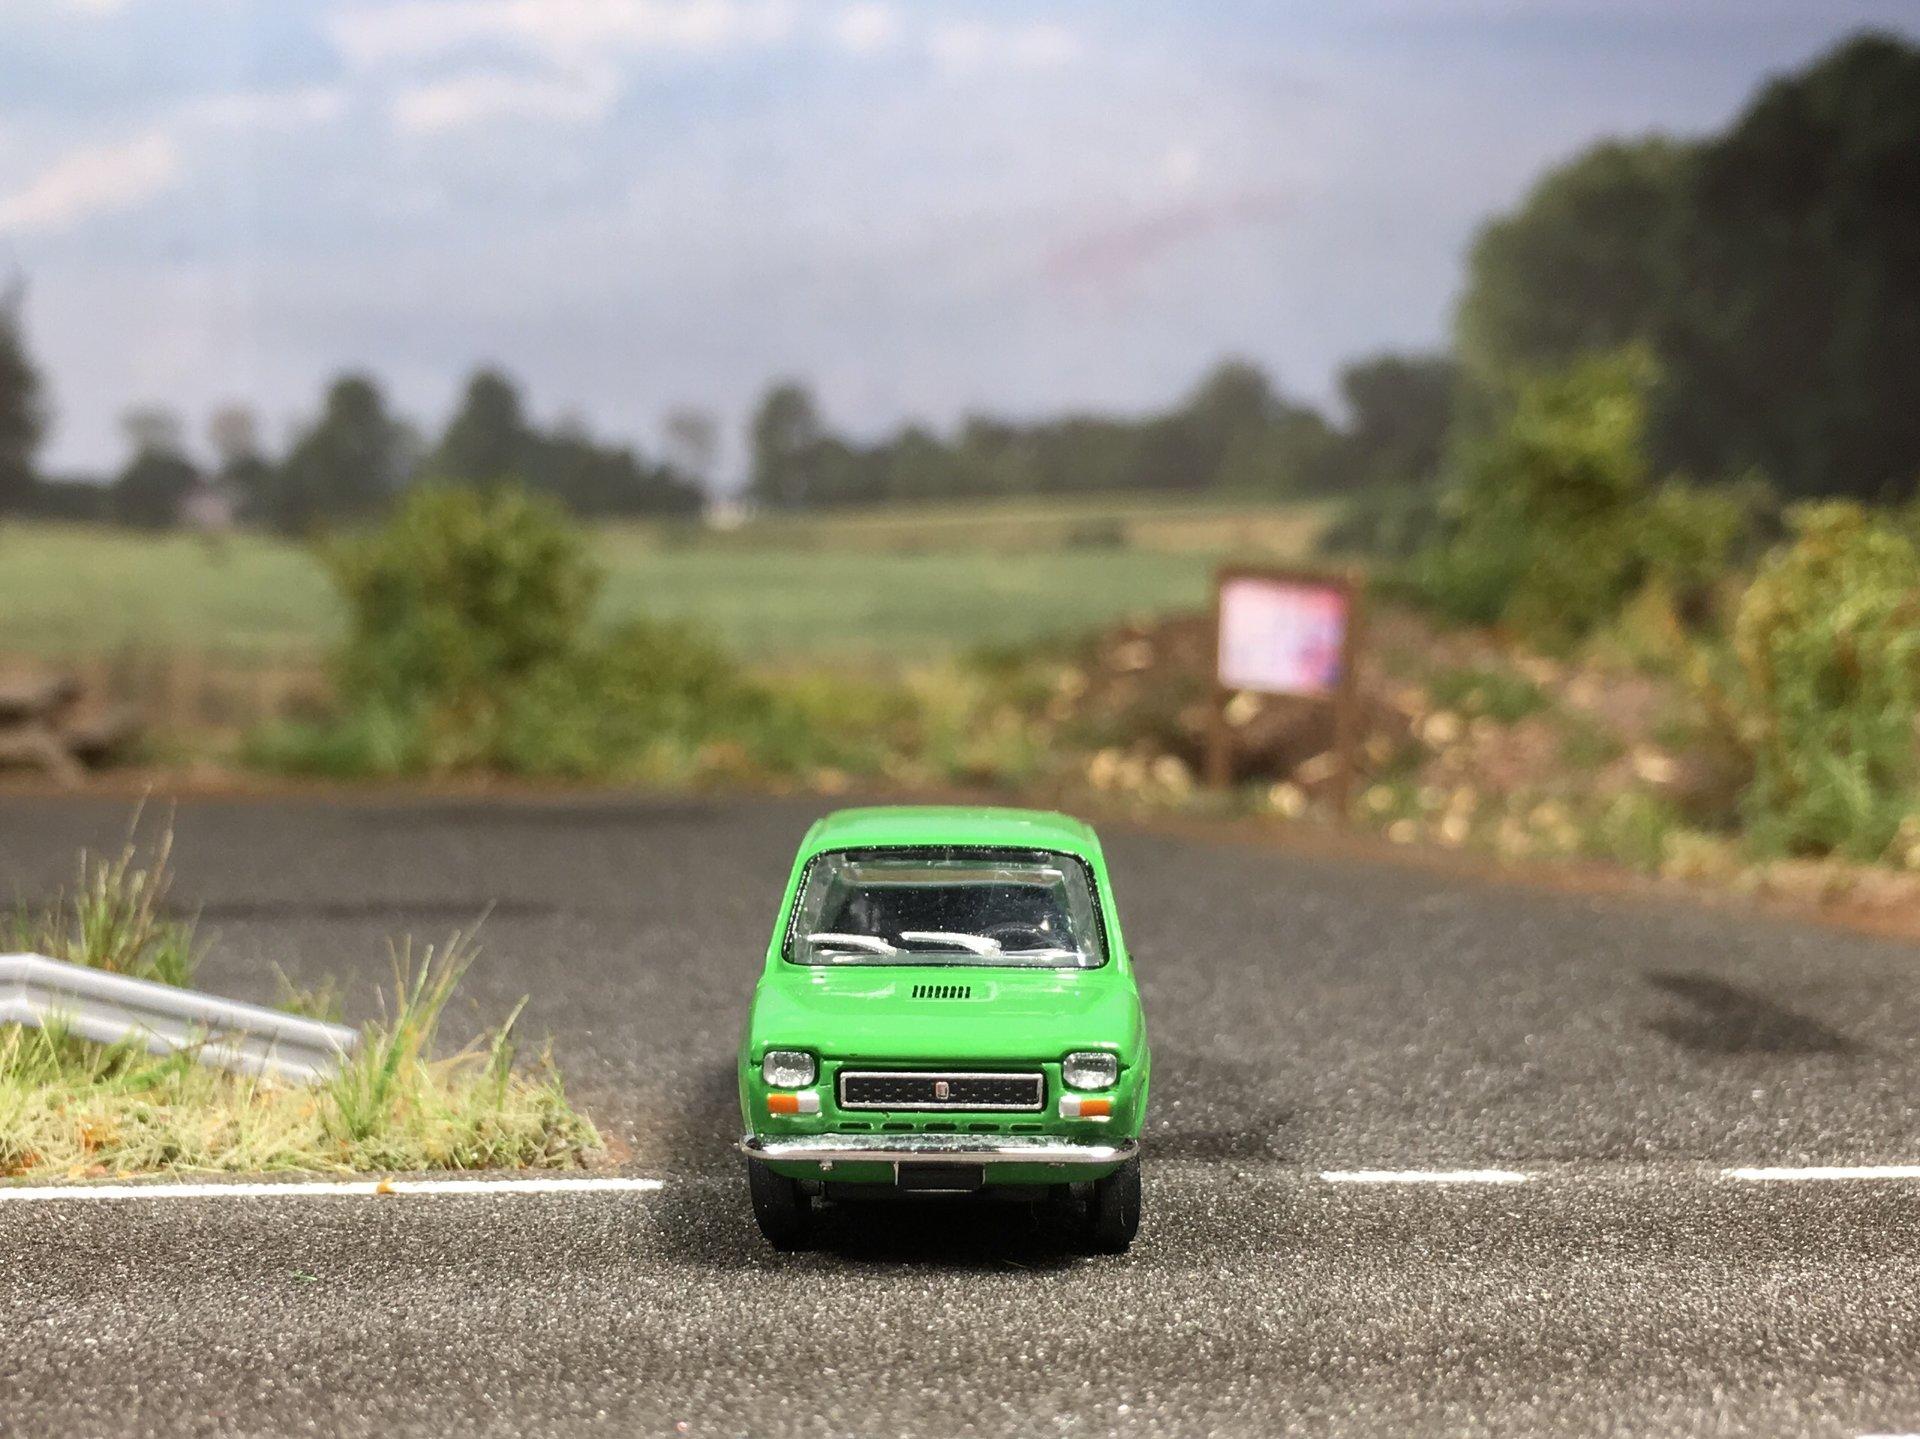 Fiat 127 zielony 006.jpg